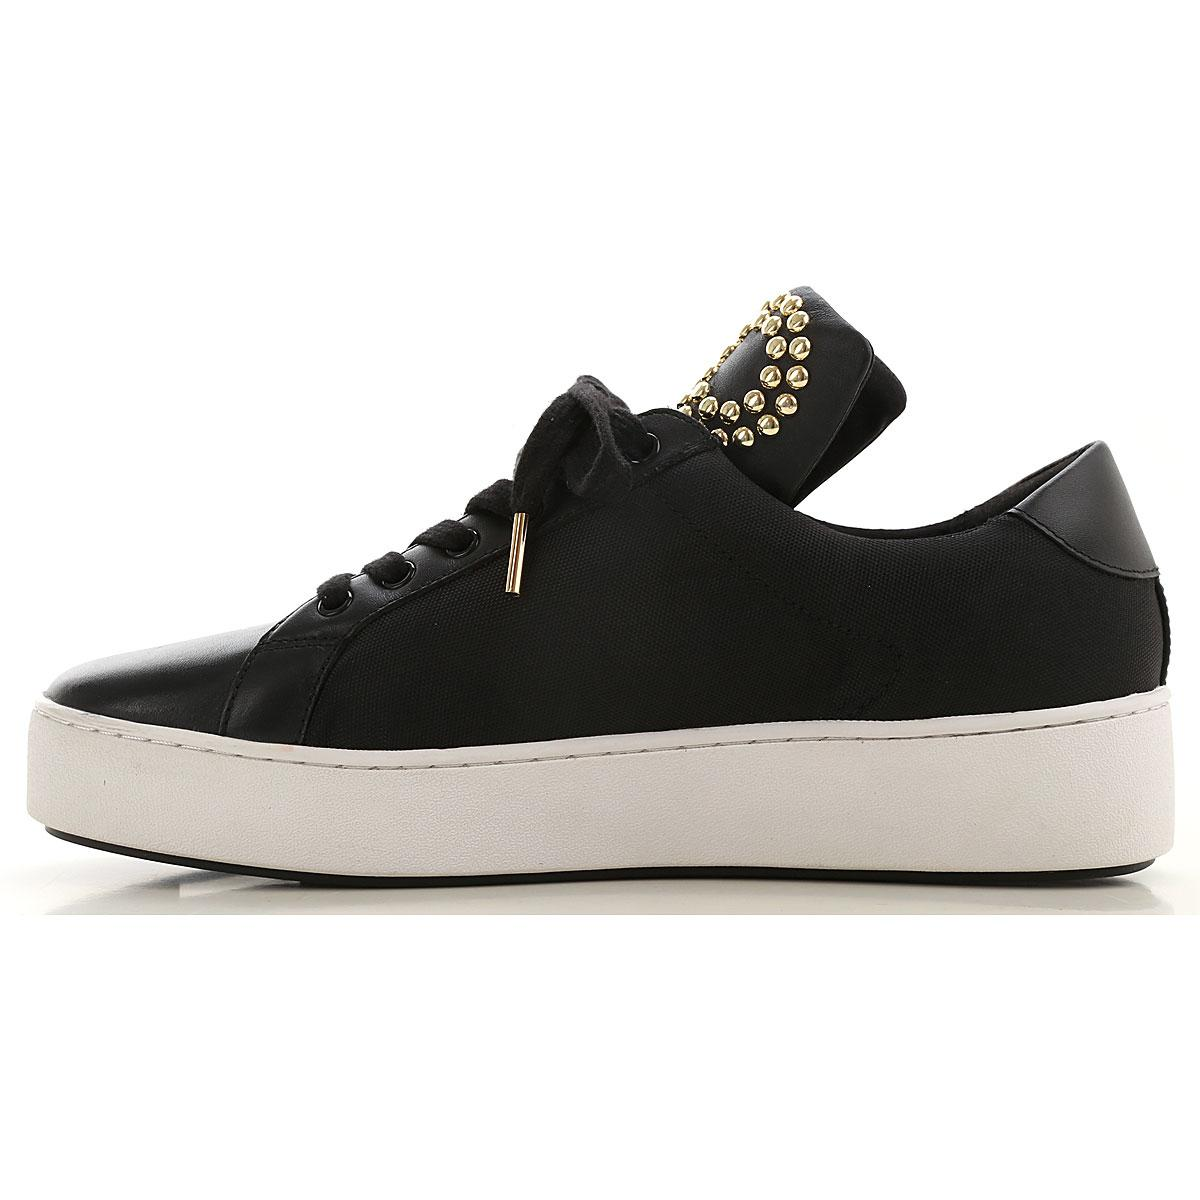 Zapatillas Deportivas de Mujer Michael Kors de Cuero de color Negro